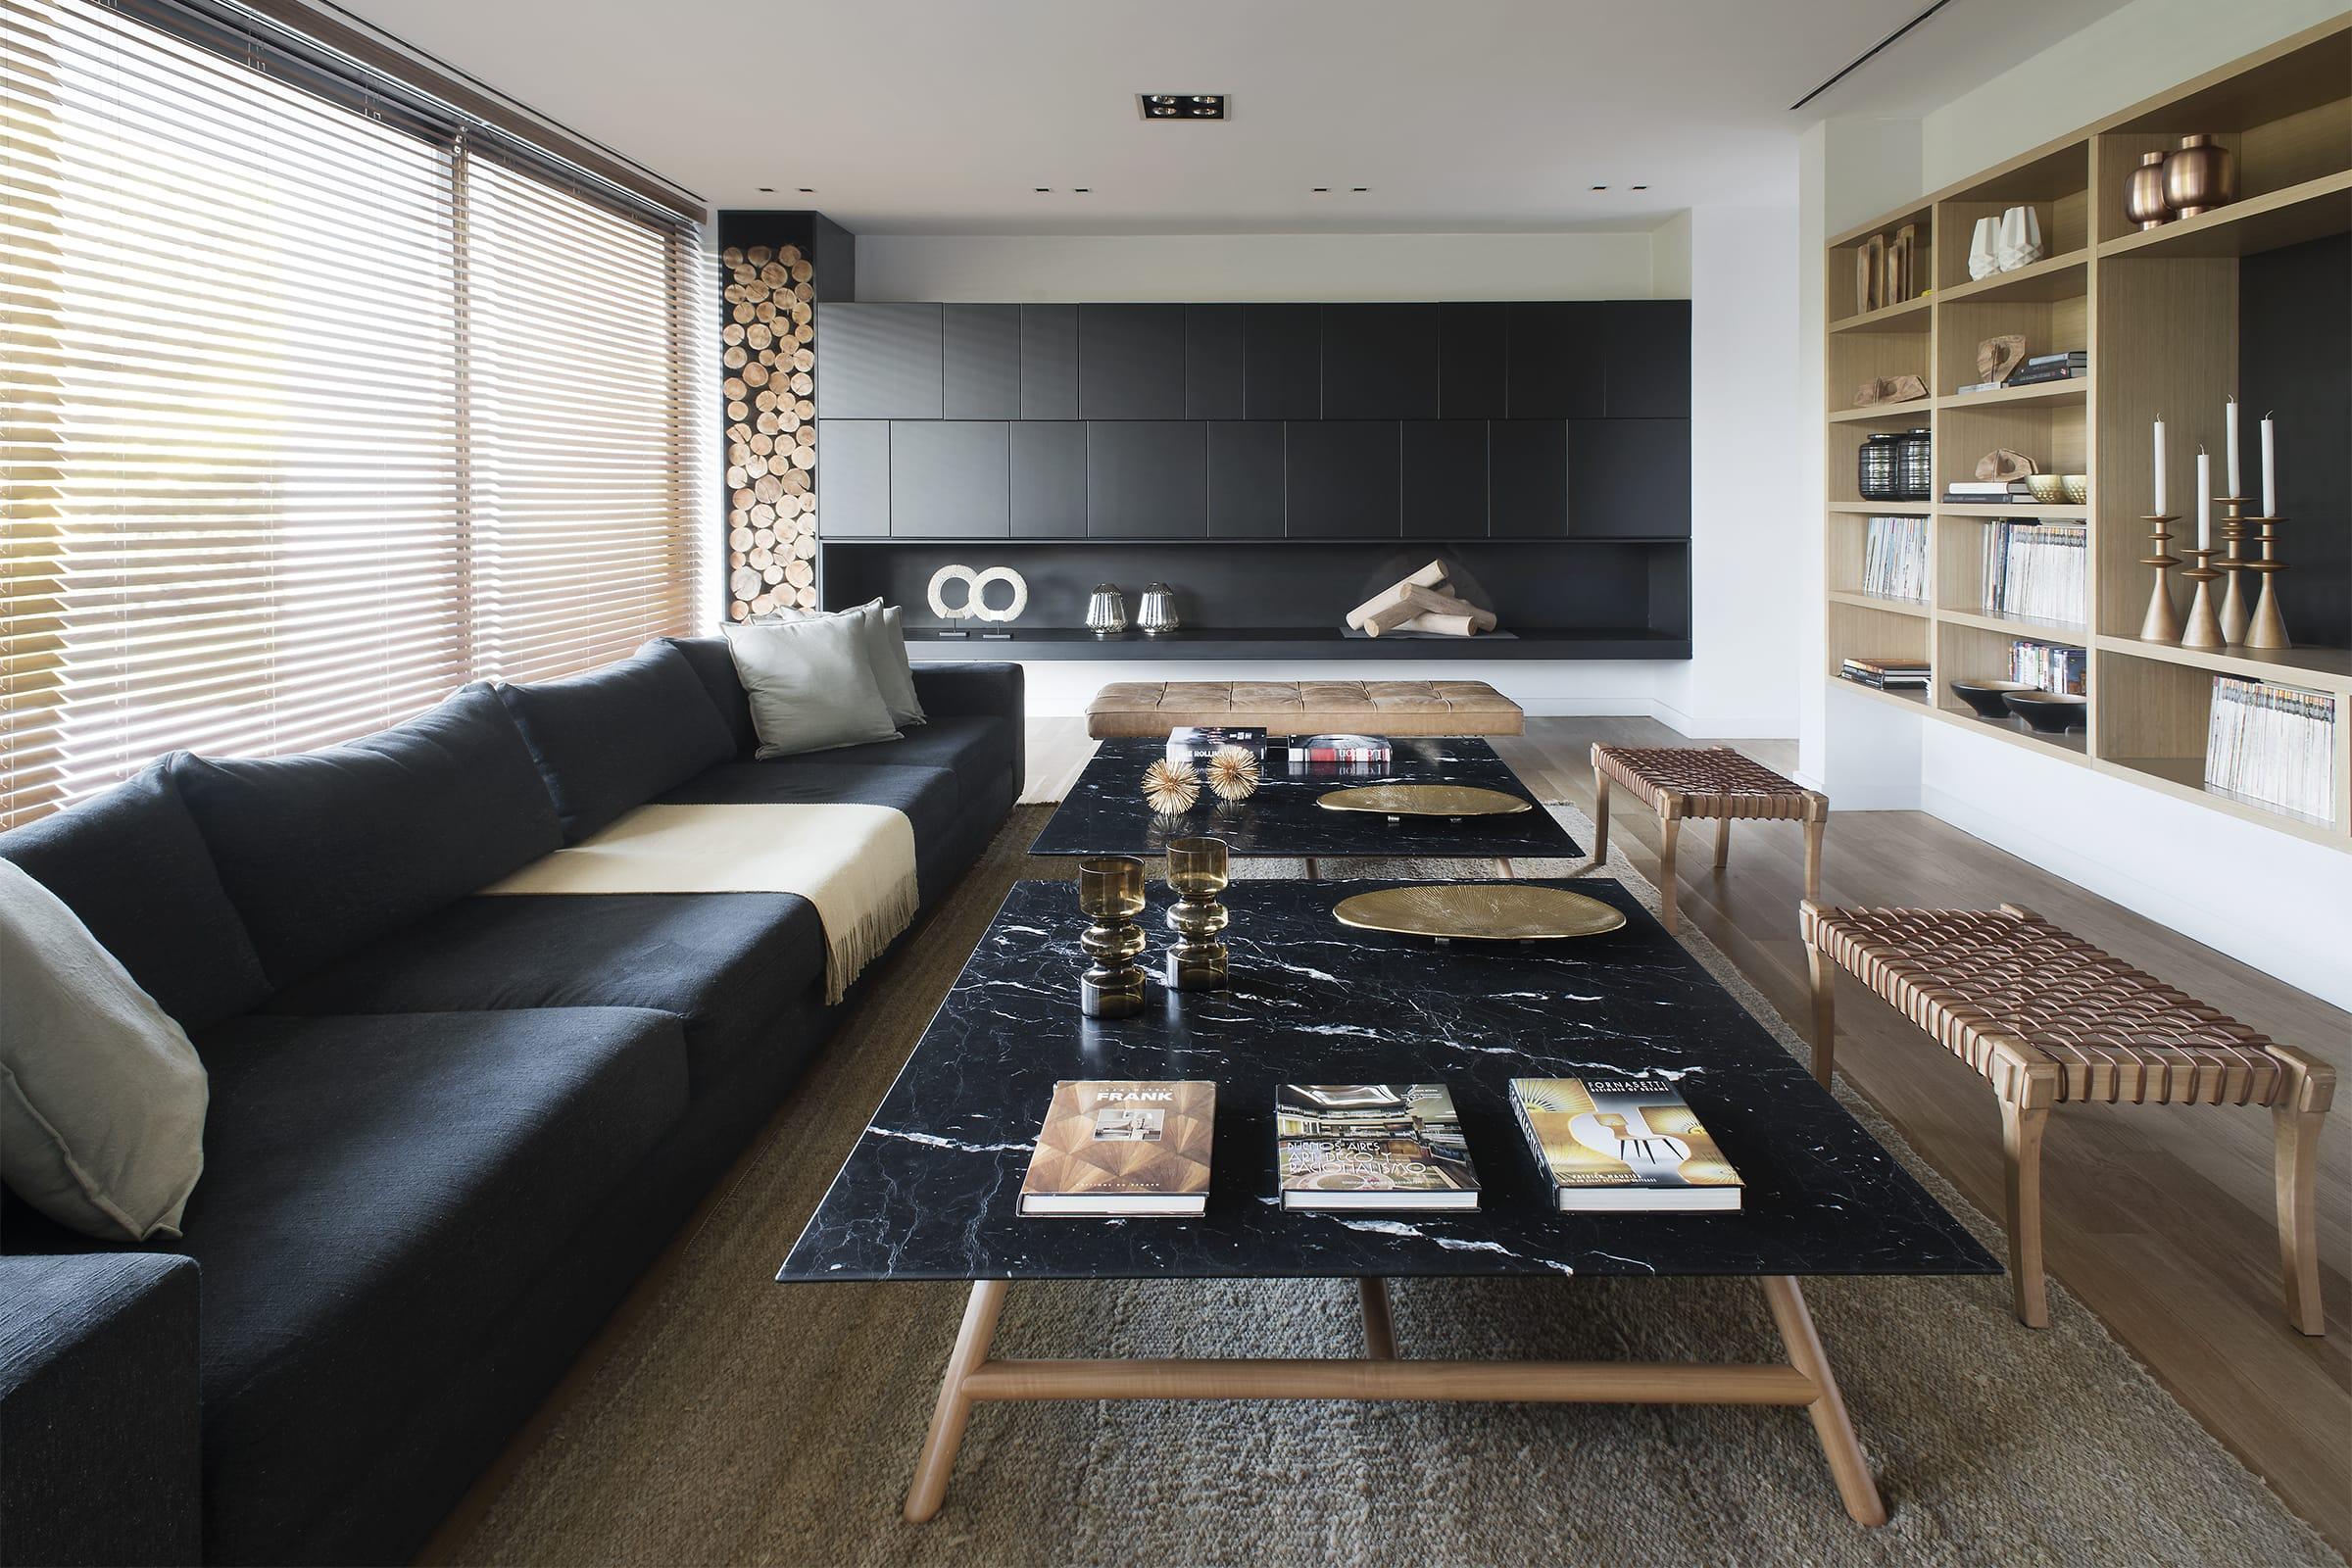 Los muebles adosados a la pared, sofá y mesas bajas son de diseño del Estudio especialmente para la casa.